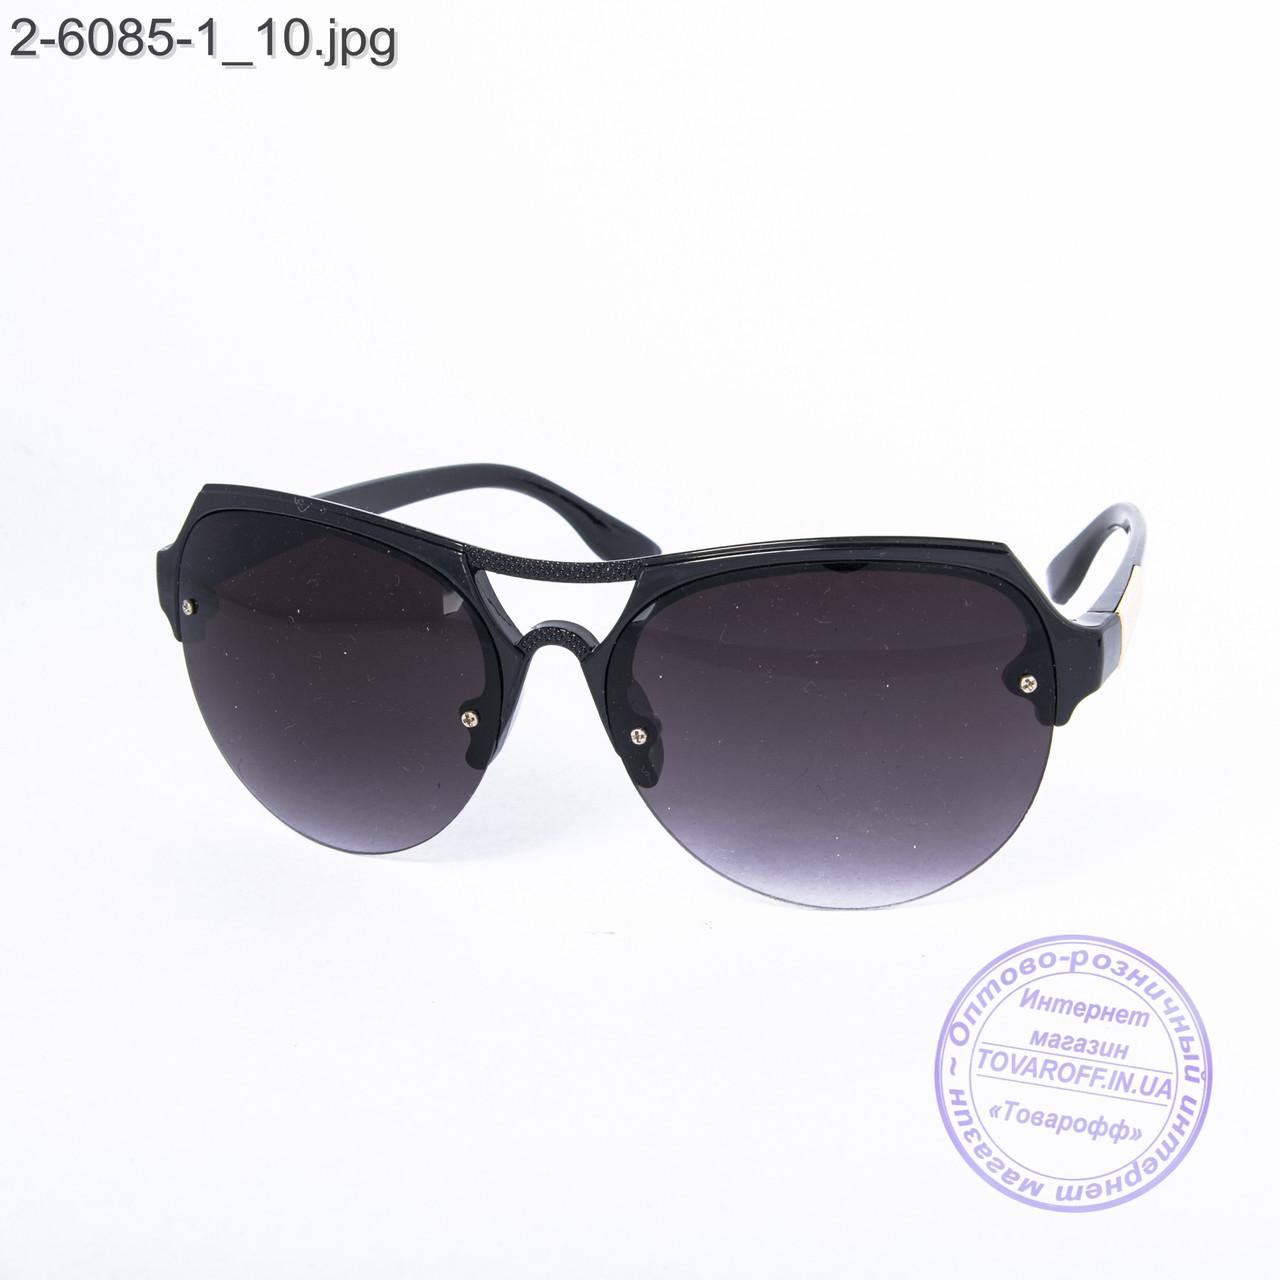 Солнцезащитные очки унисекс - черные - 2-6085-1